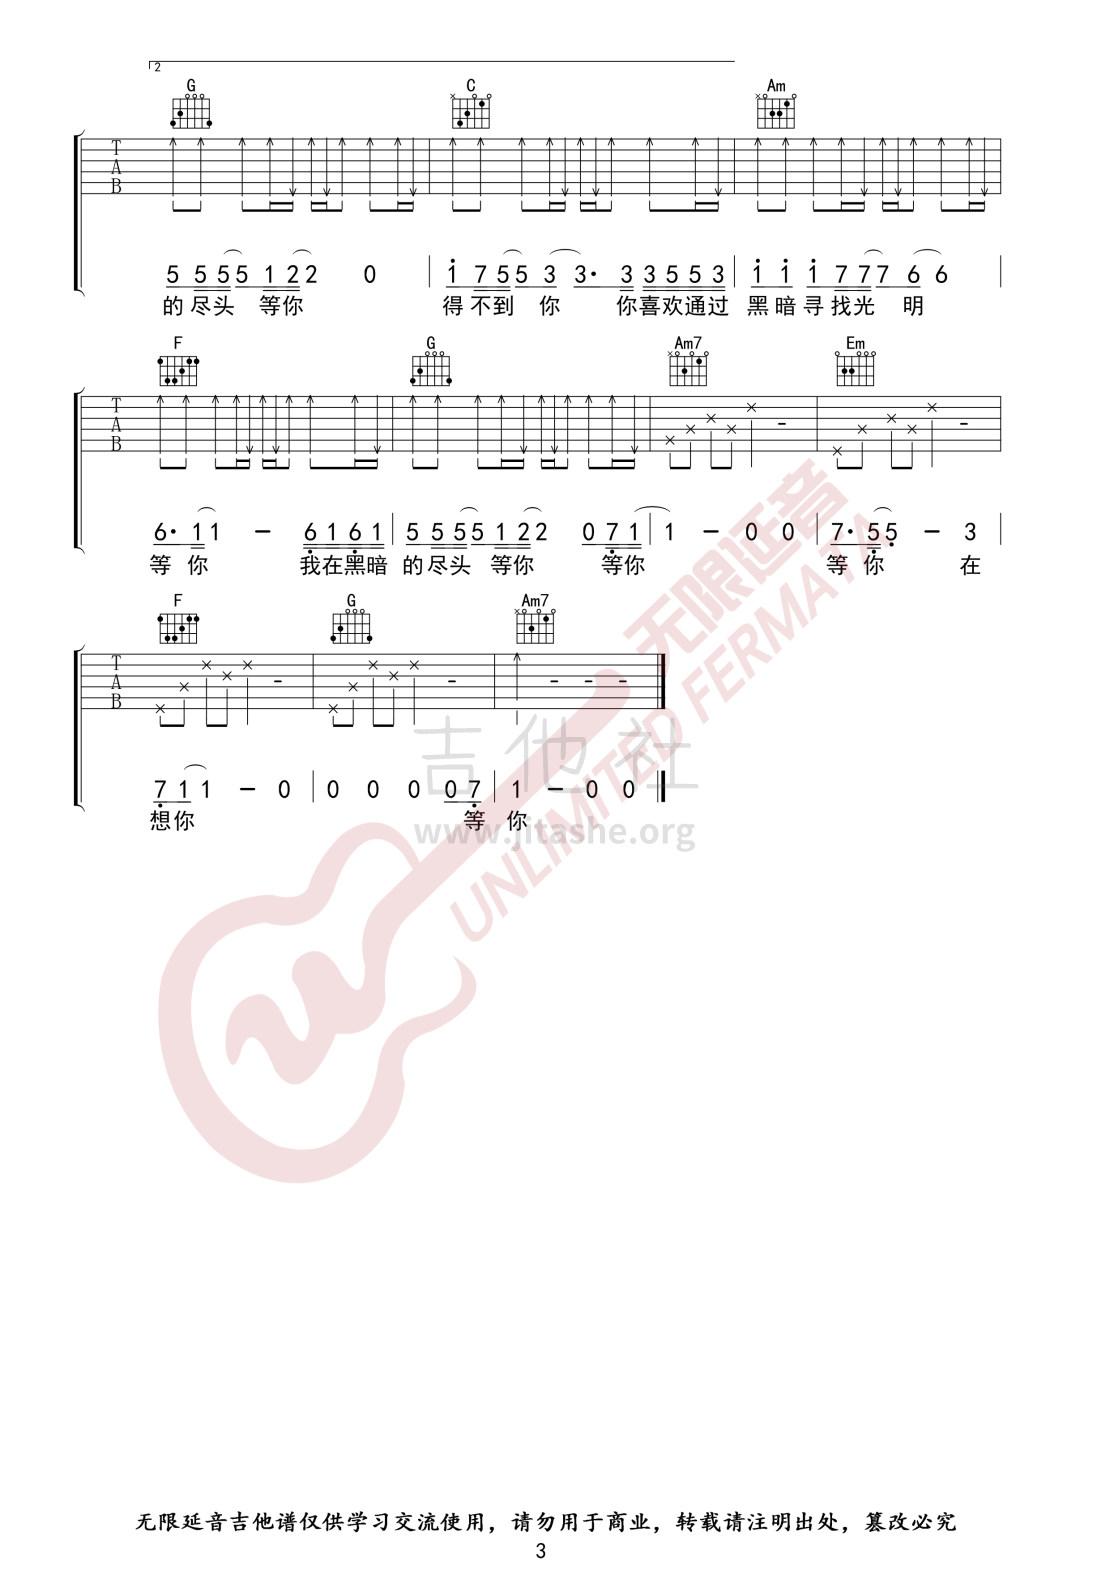 得不到你(无限延音编配)吉他谱(图片谱,C调,弹唱)_隔壁老樊(樊凯杰)_得不到你03.jpg